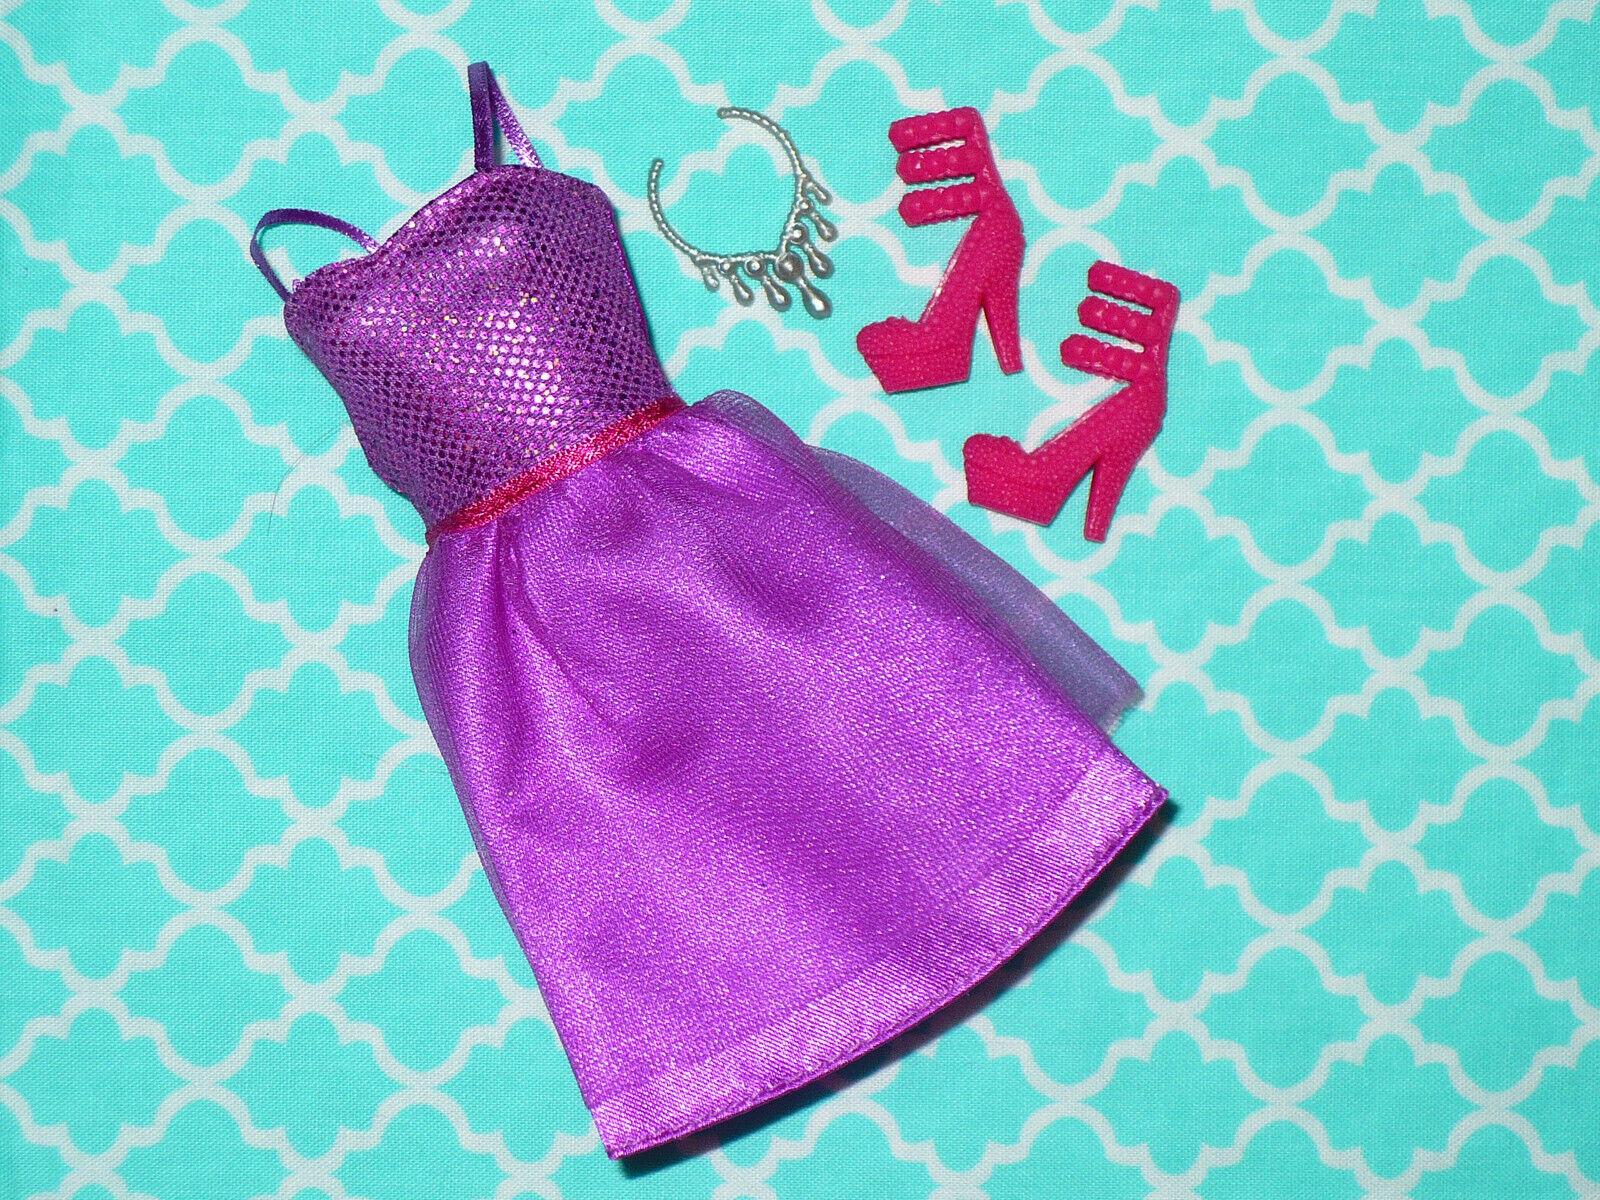 Mattel Barbie Doll Clothing Lot FASHIONISTAS PURPLE PARTY DRESS SHOES Necklace - $17.59